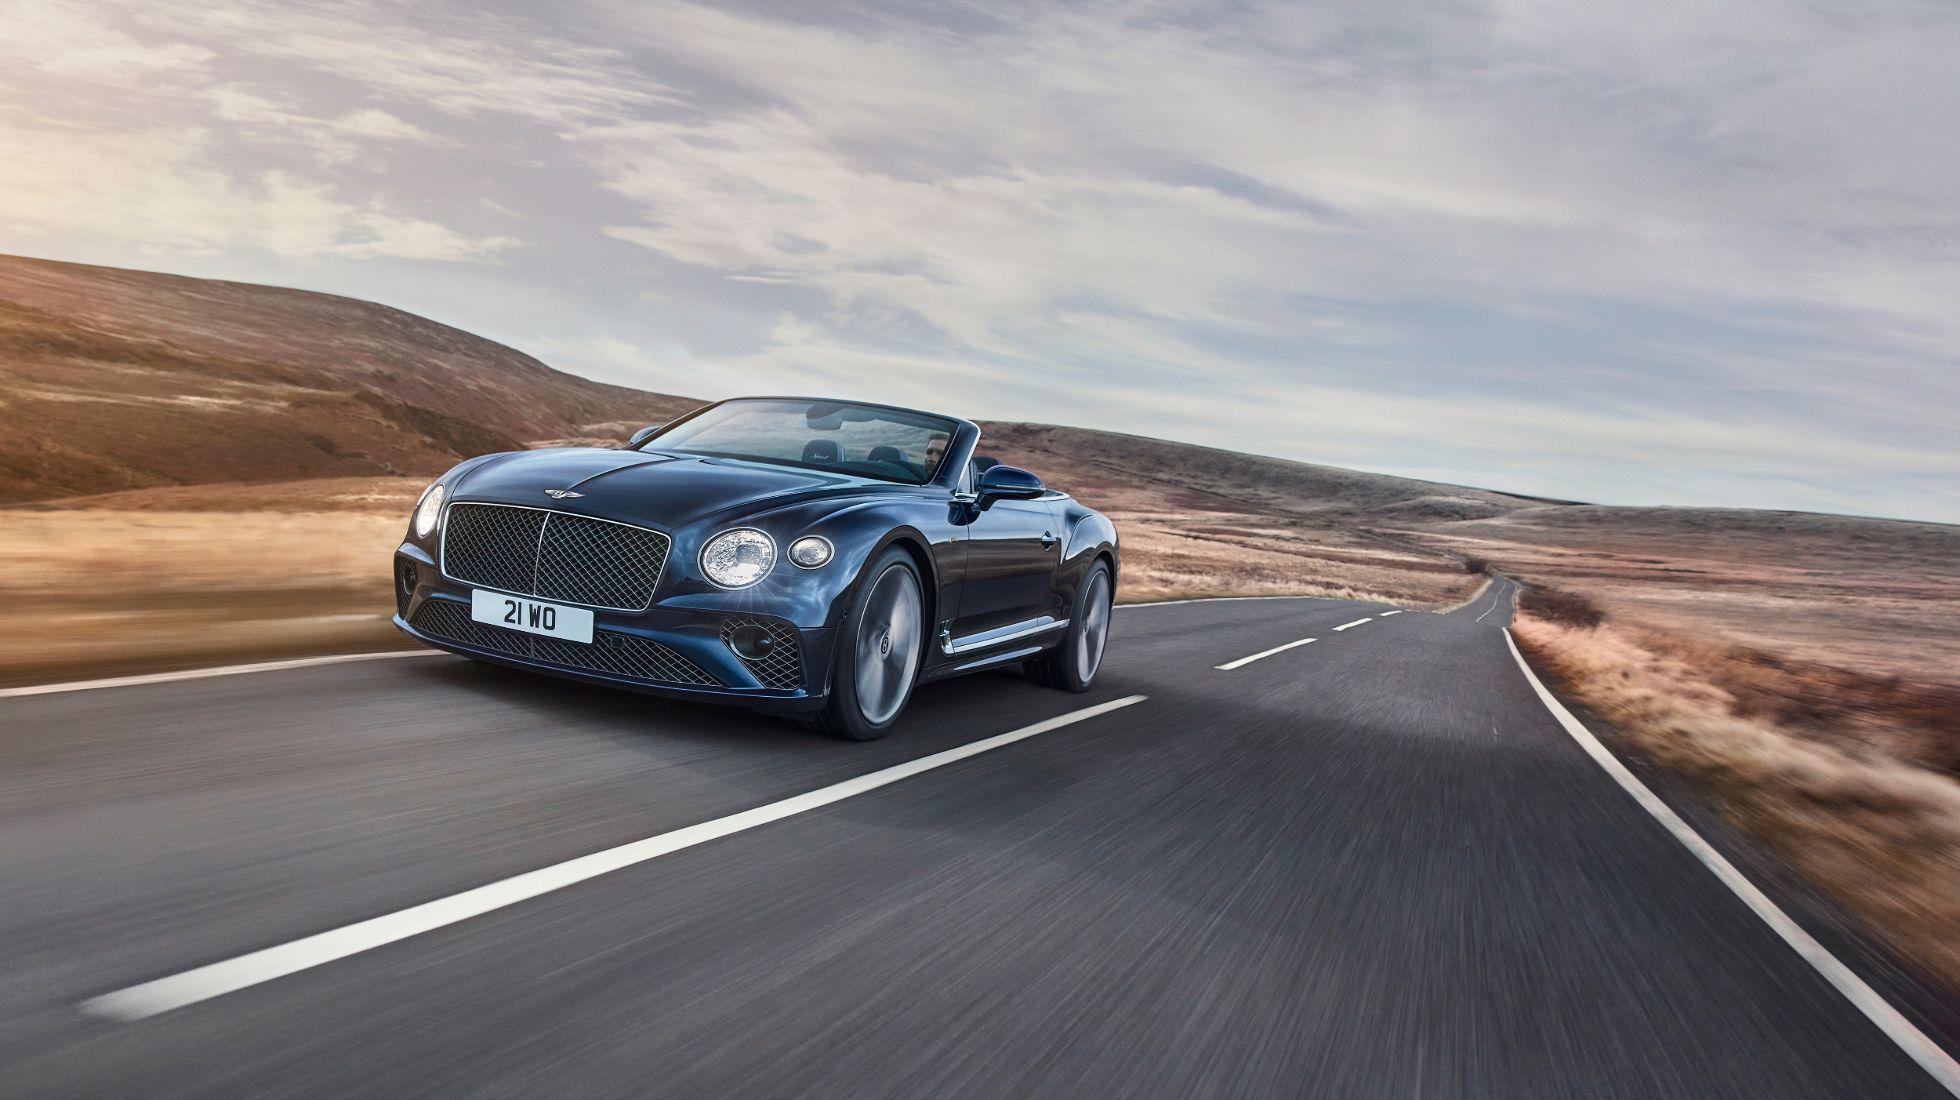 Bentley's Conti GT Speed peels off its roof